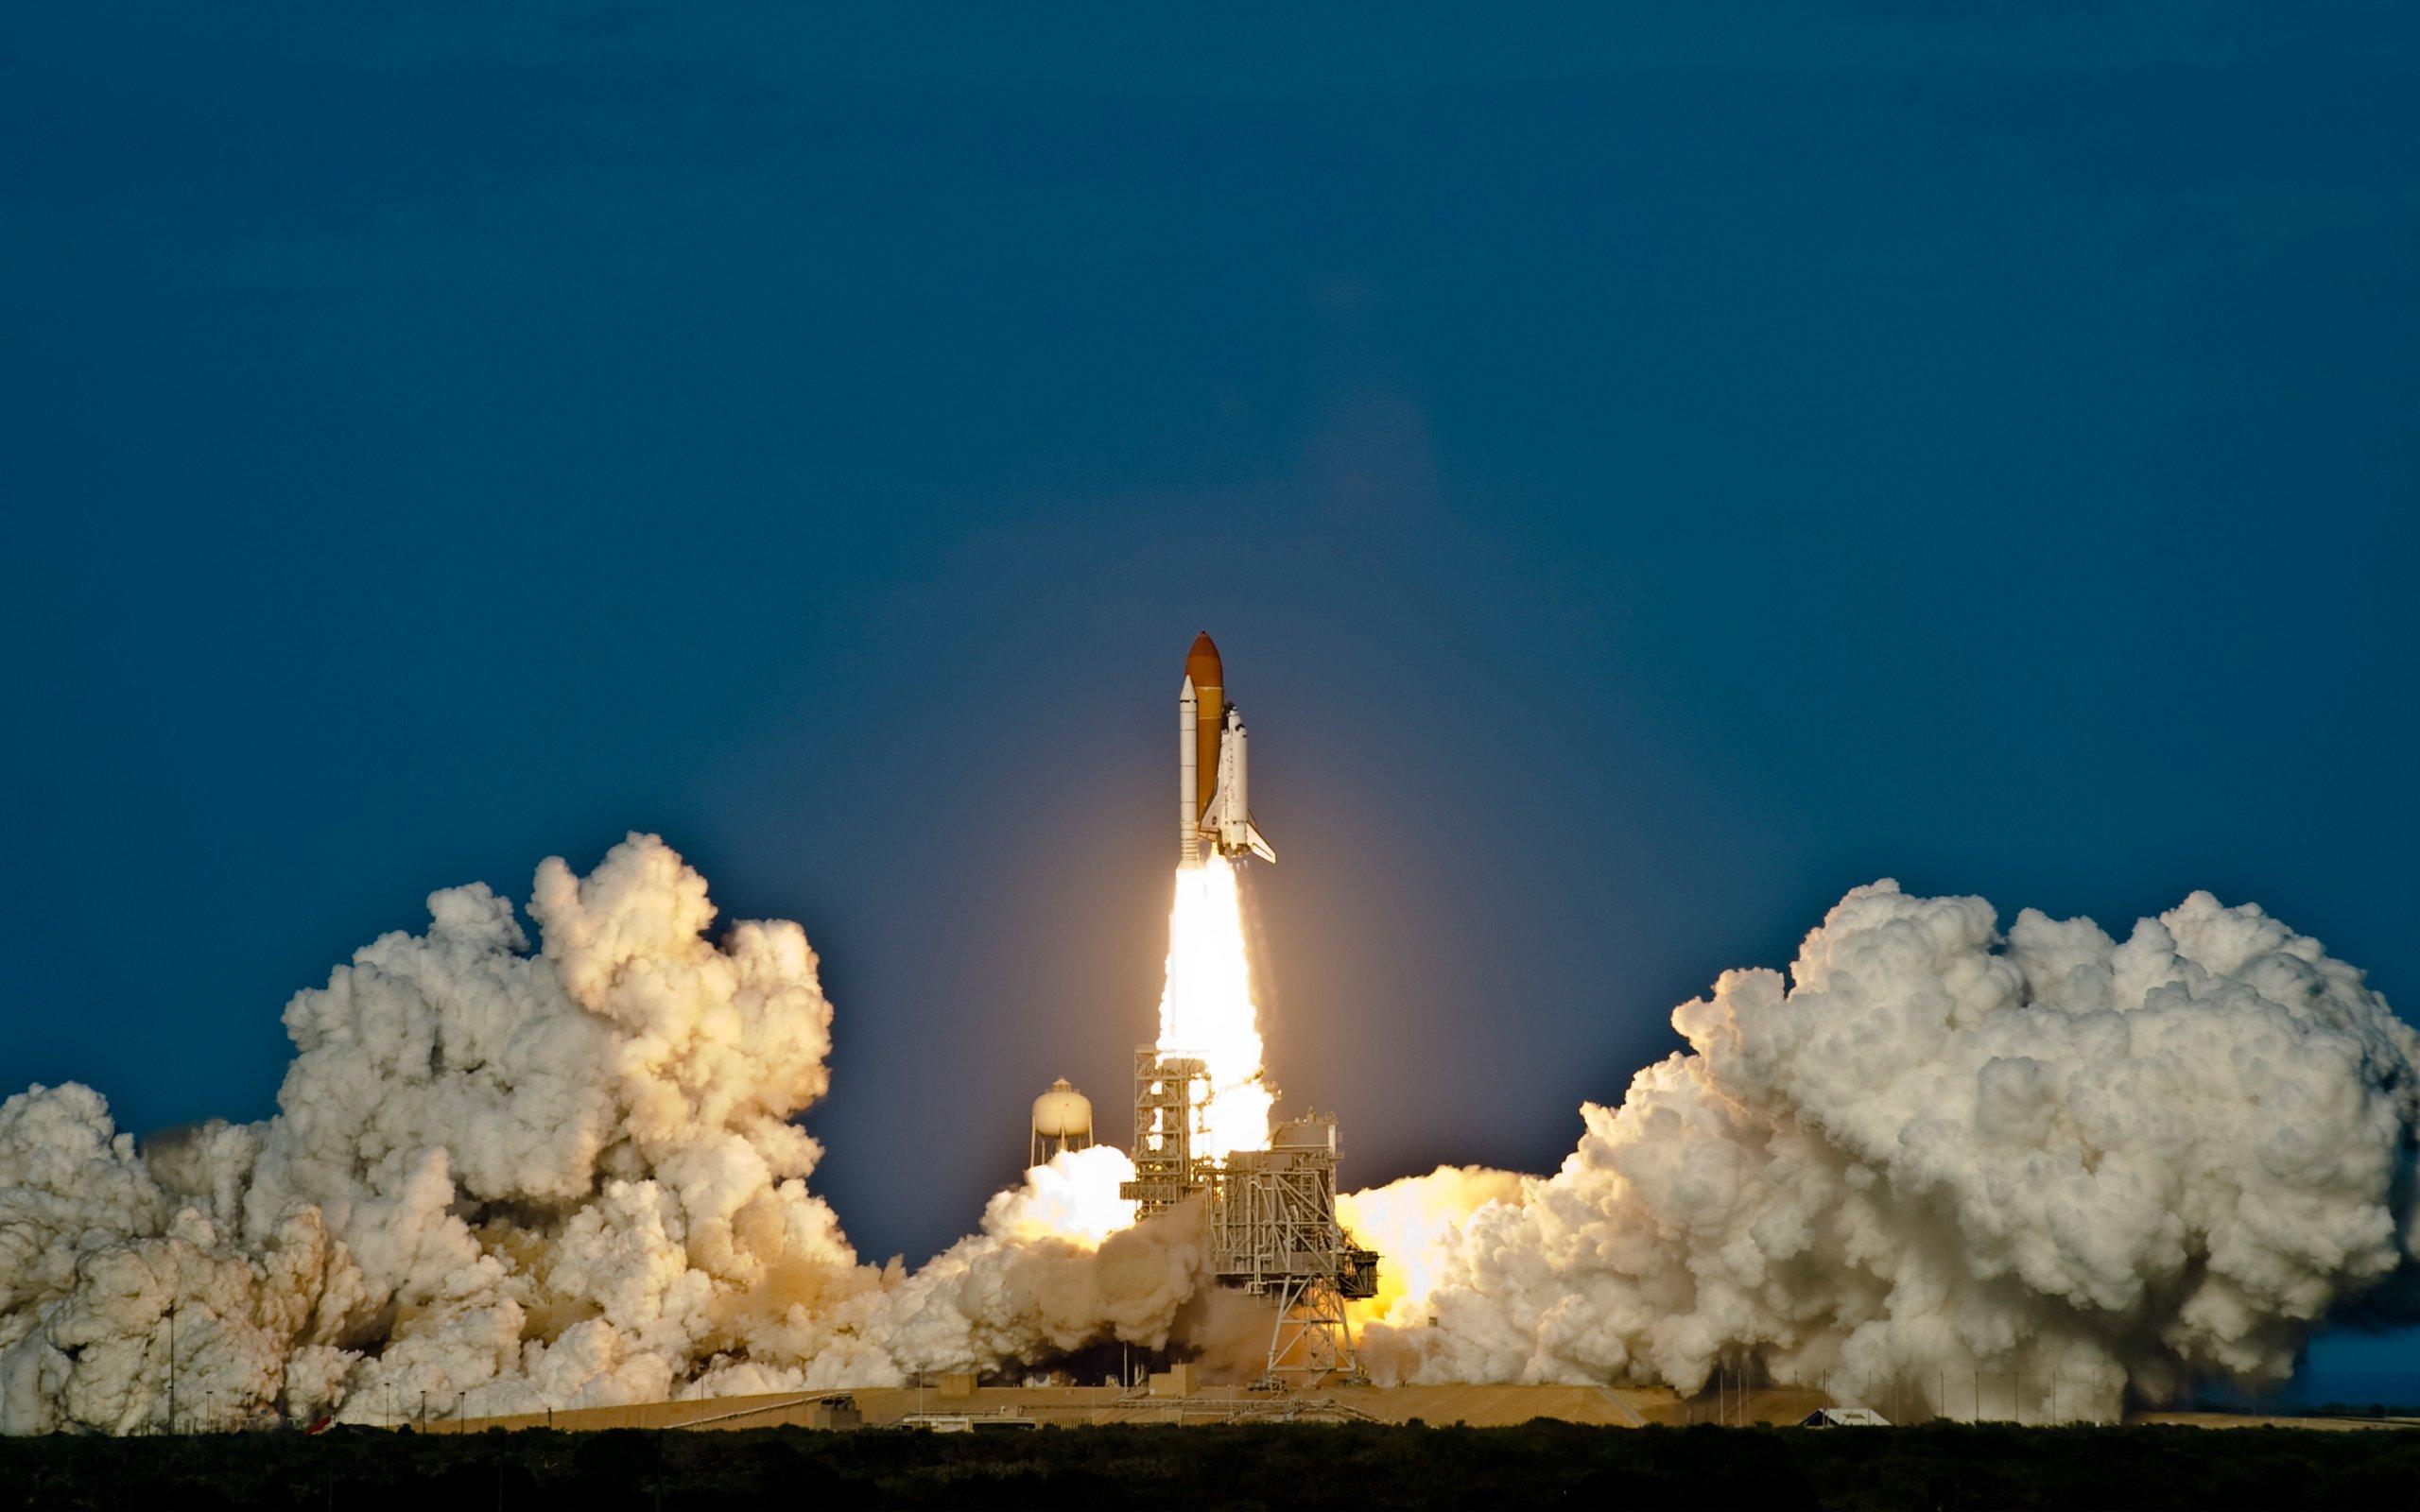 Space Shuttle Shuttle Takeoff HD wallpaper 2560x1600